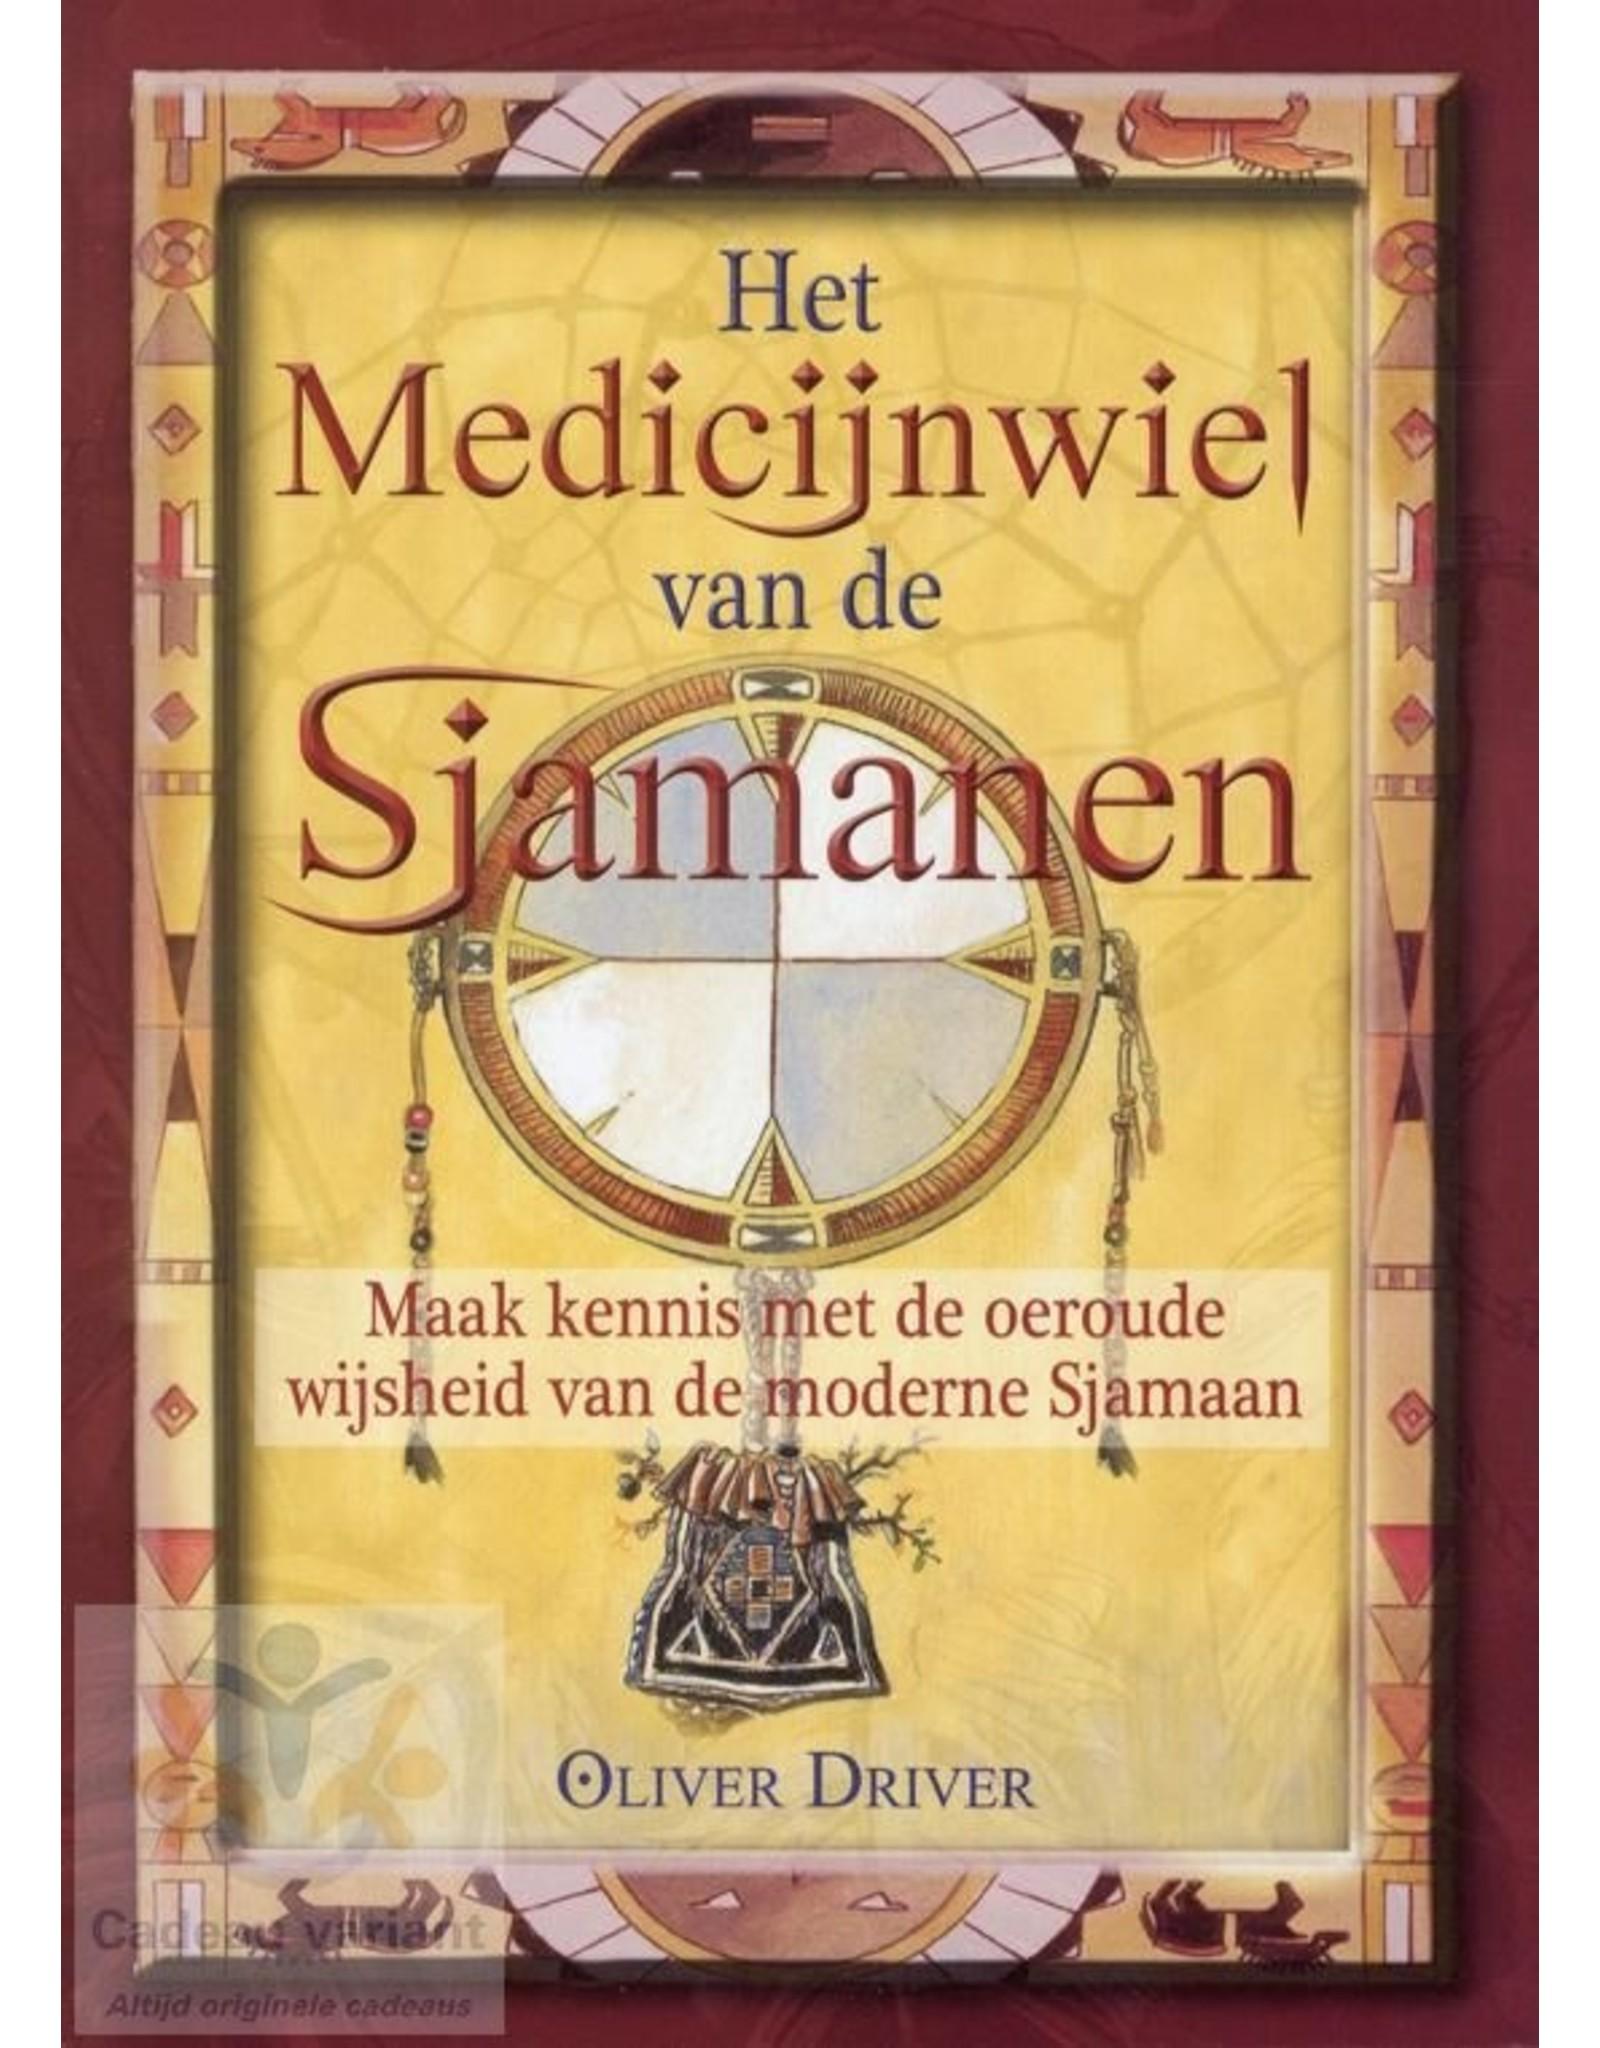 Het medicijnwiel van de sjamanen